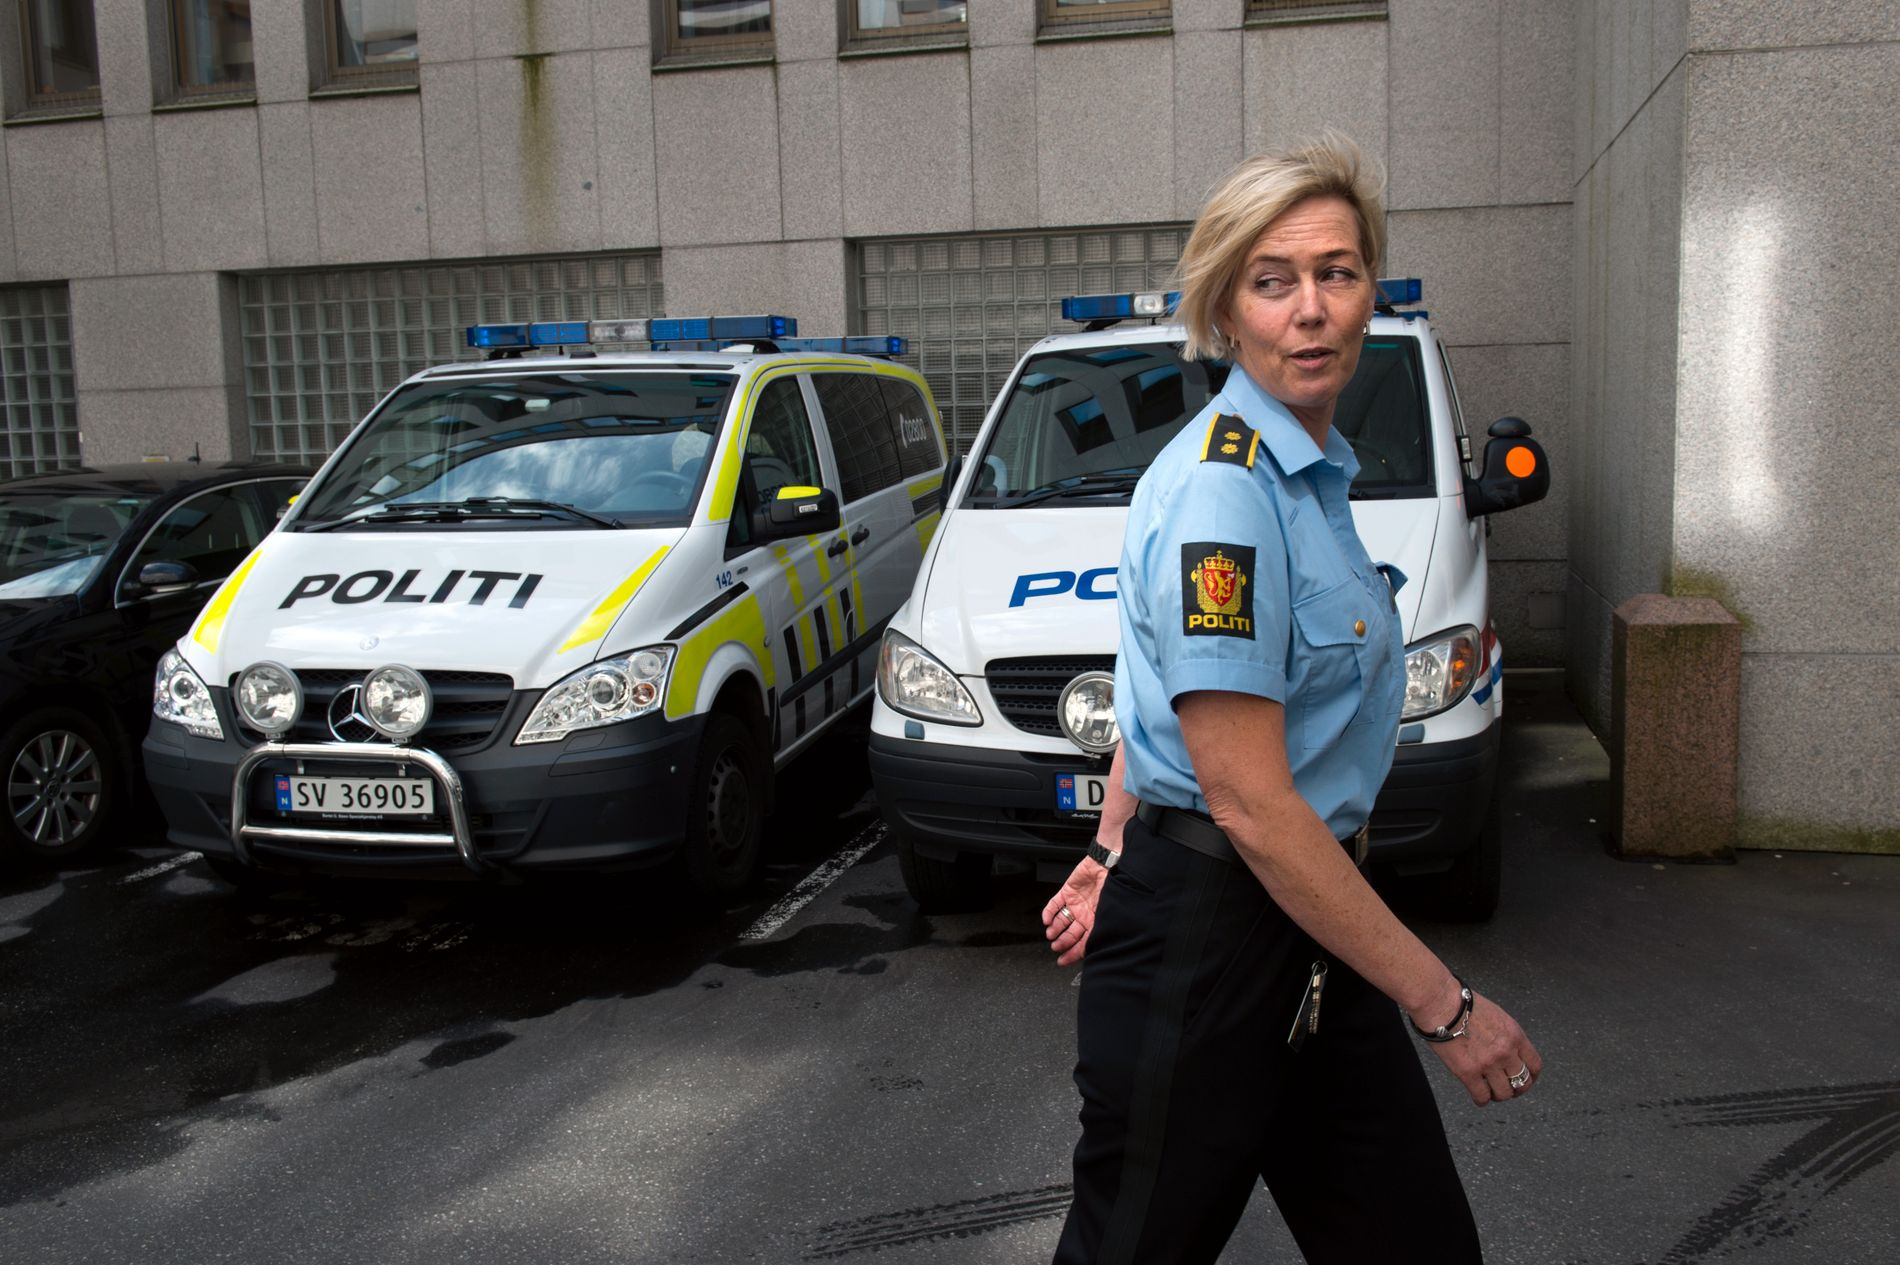 NYTTIG INNSPILL: Kvinnens debattinnlegg er en vekker for politiet, skriver politiinspektør Kari Marie Kjellstad i sitt svar.